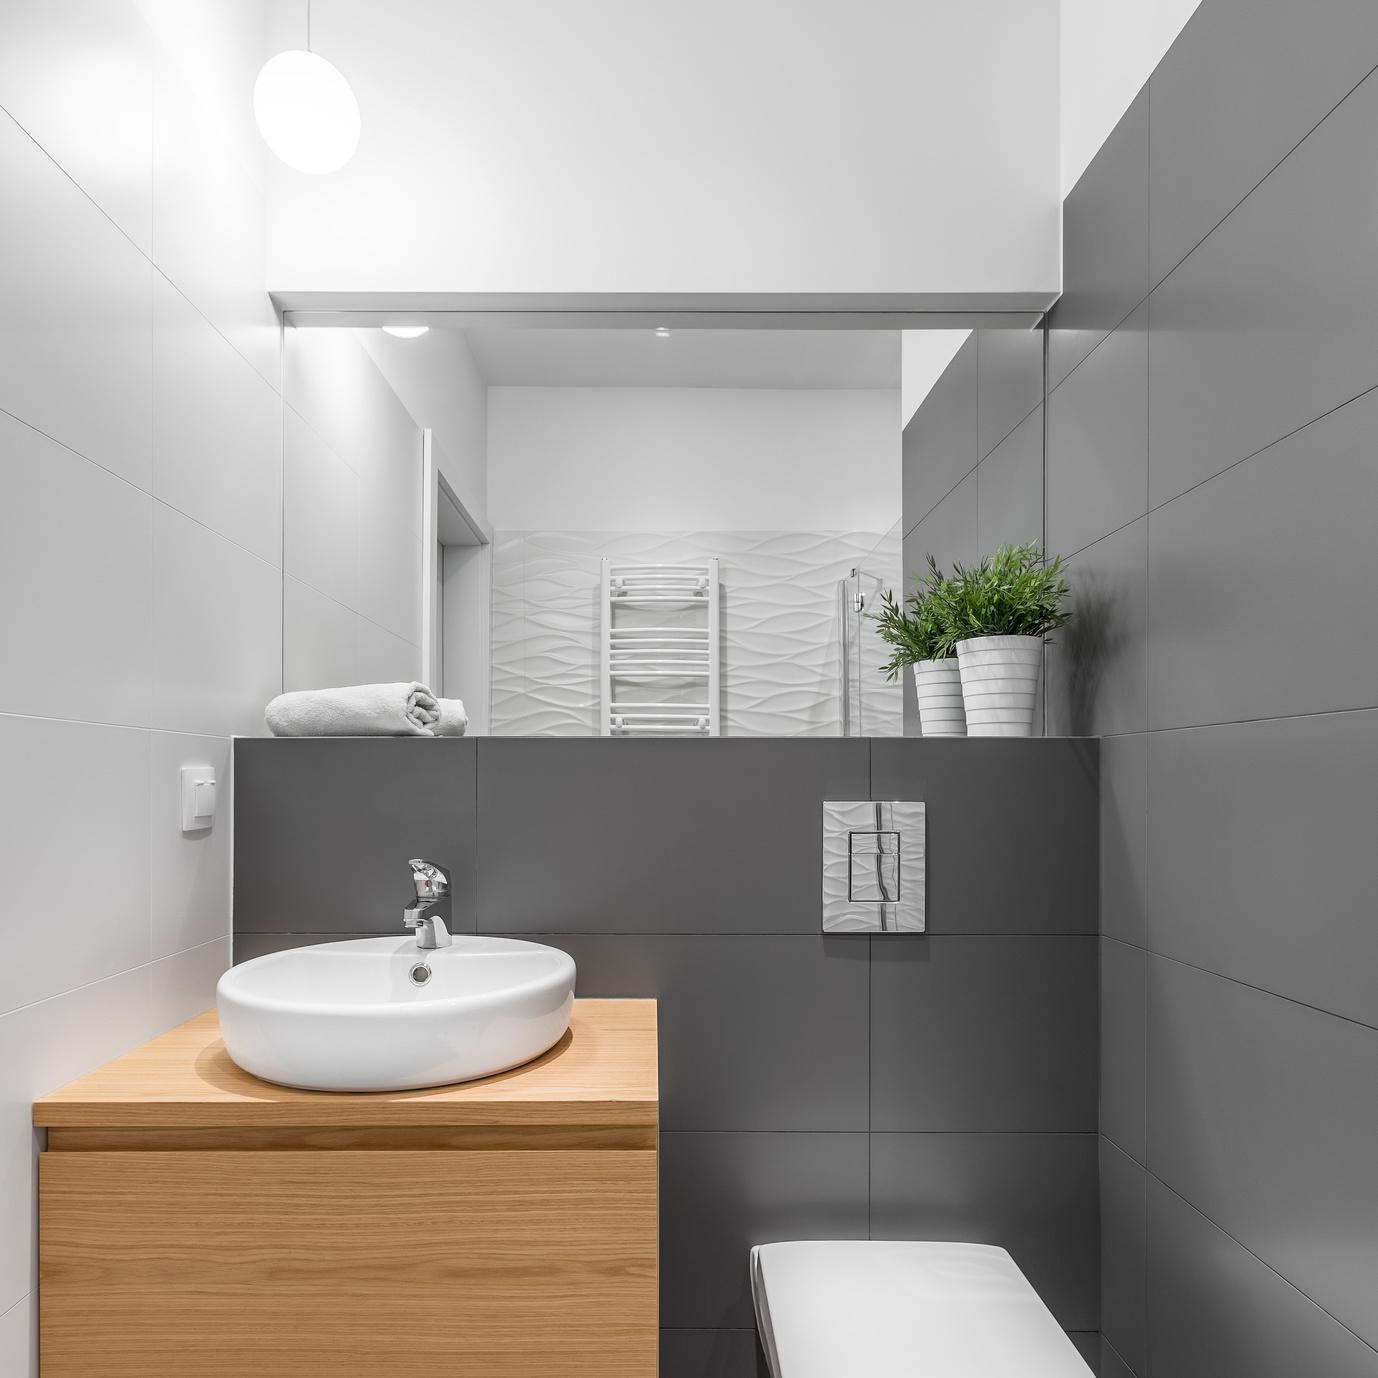 Jakie Meble Wybrać Do Małej łazienki